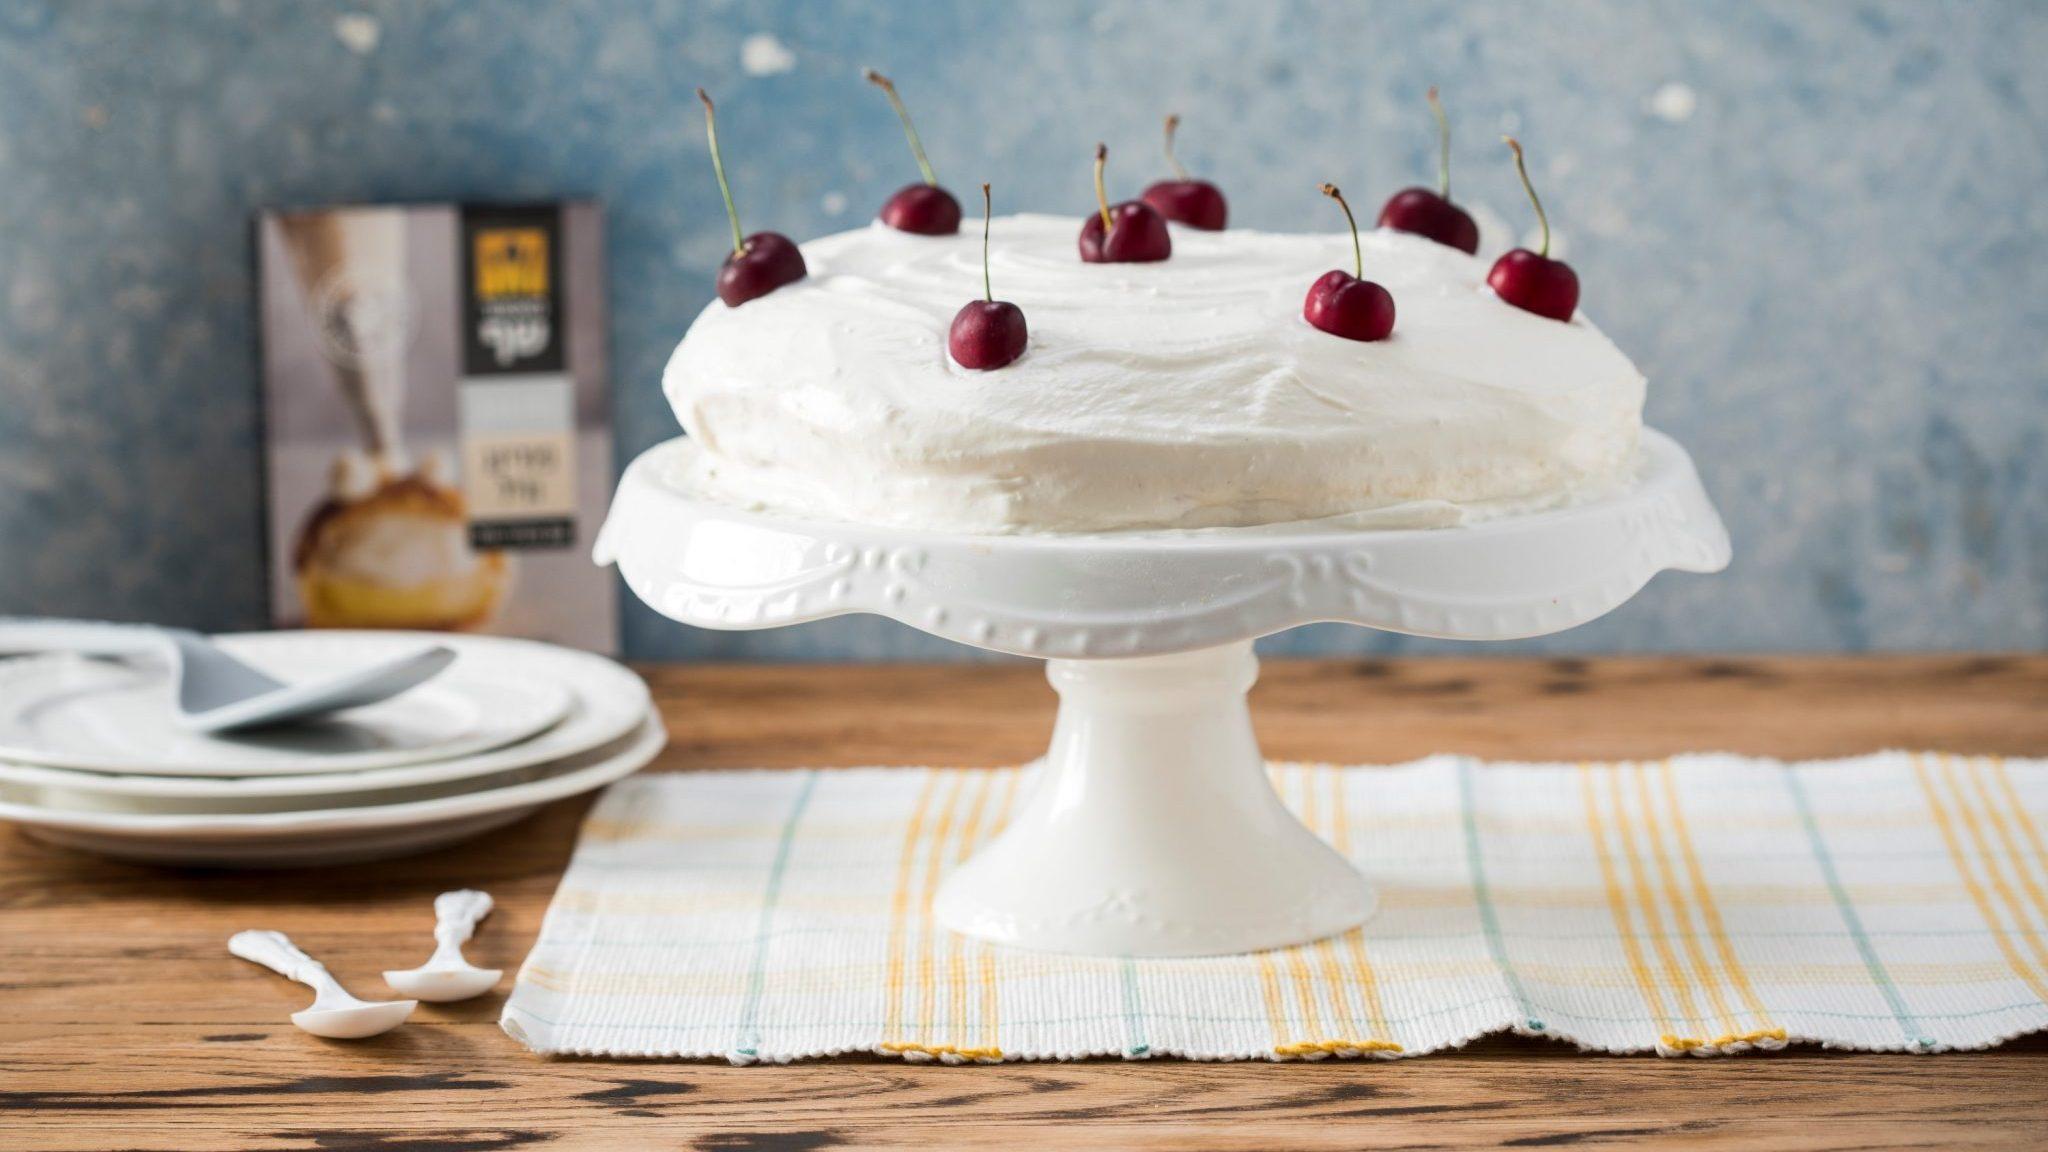 צננו את הקיץ עם עוגת גבינה קרה וטעימה להפליא